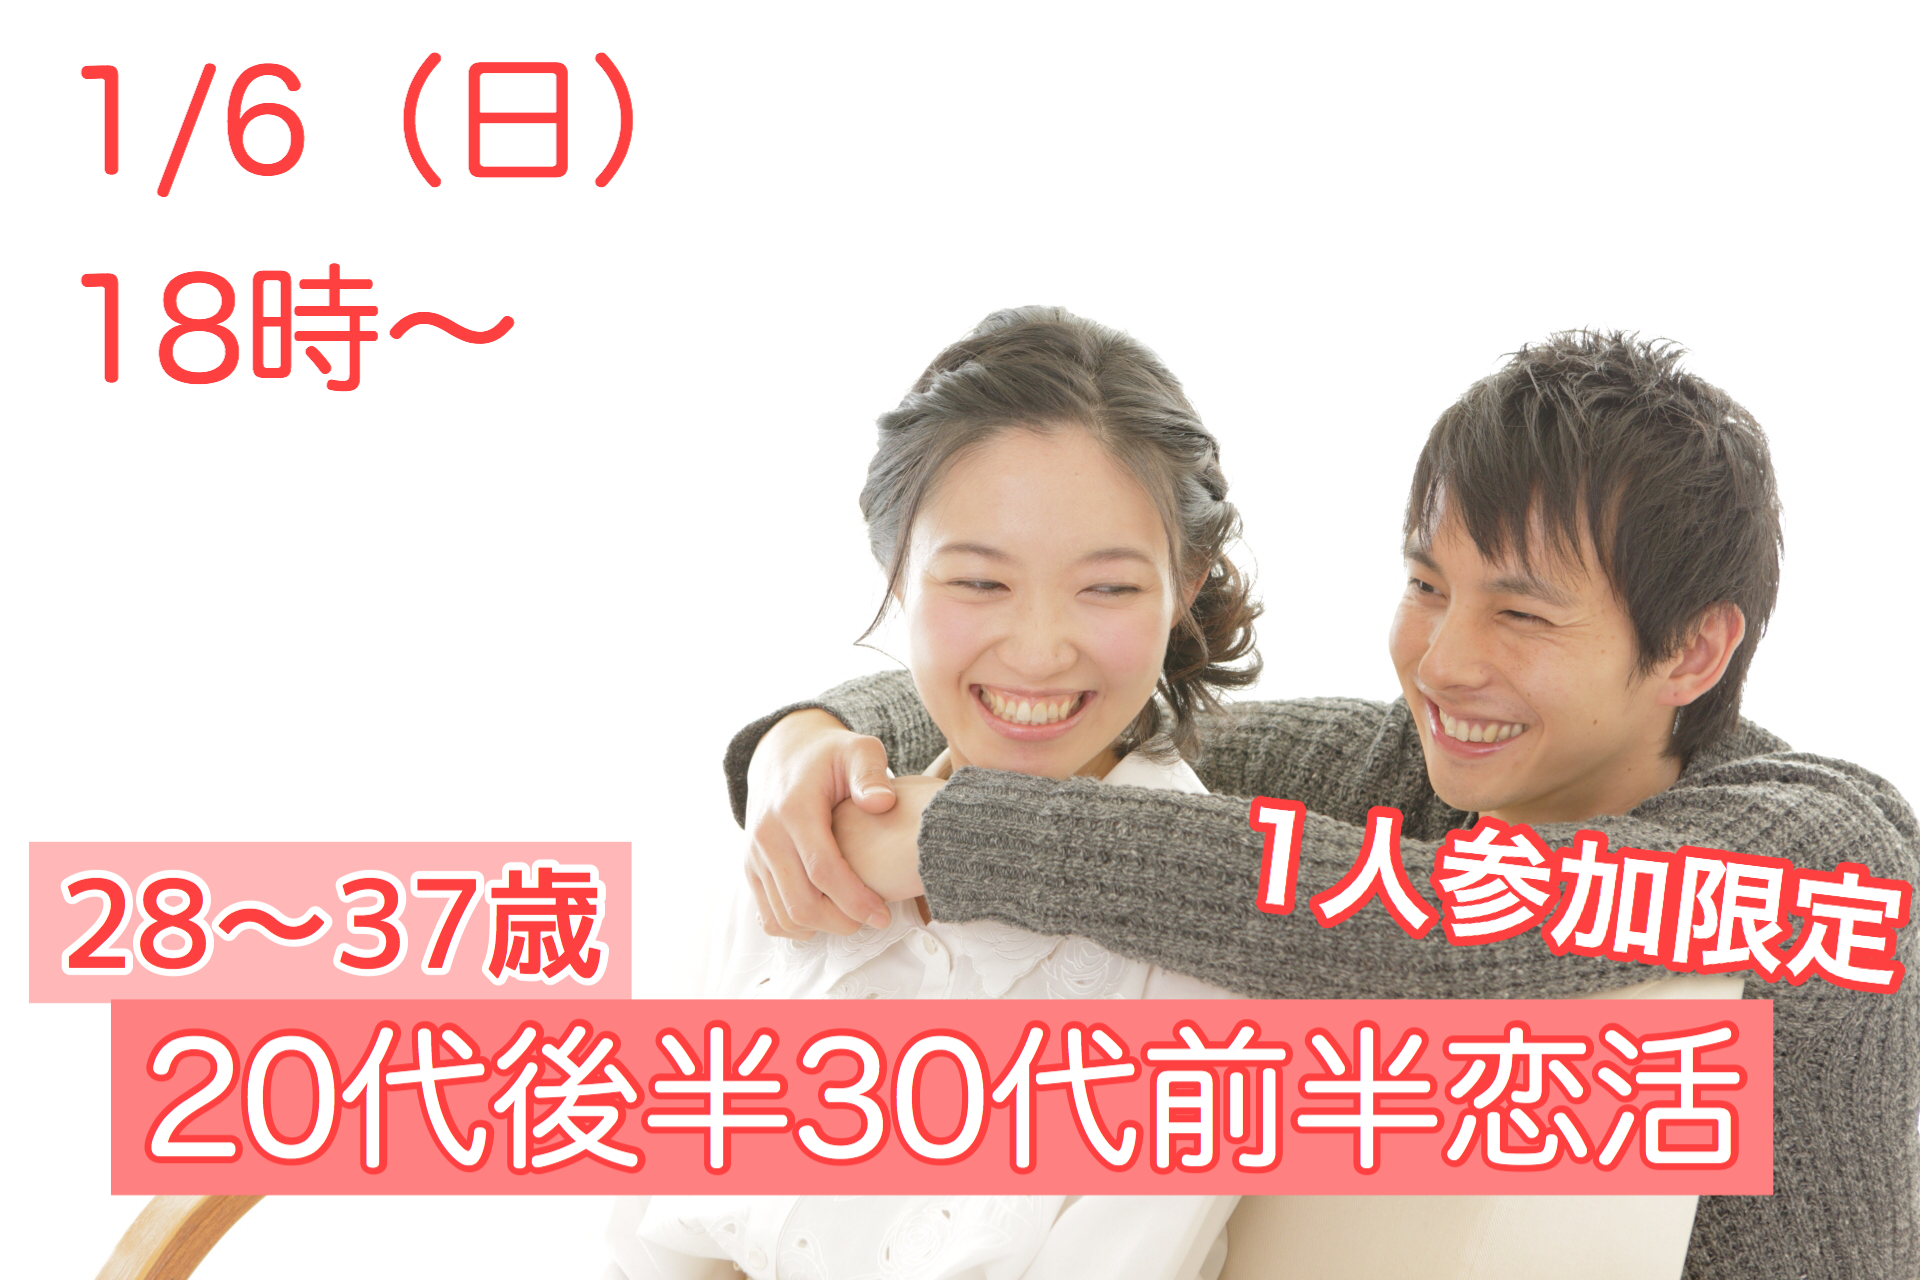 【終了】1月6日(日)18時~【28~37歳】グループトーク中心だから参加しやすい!20代後半30代前半恋活!!